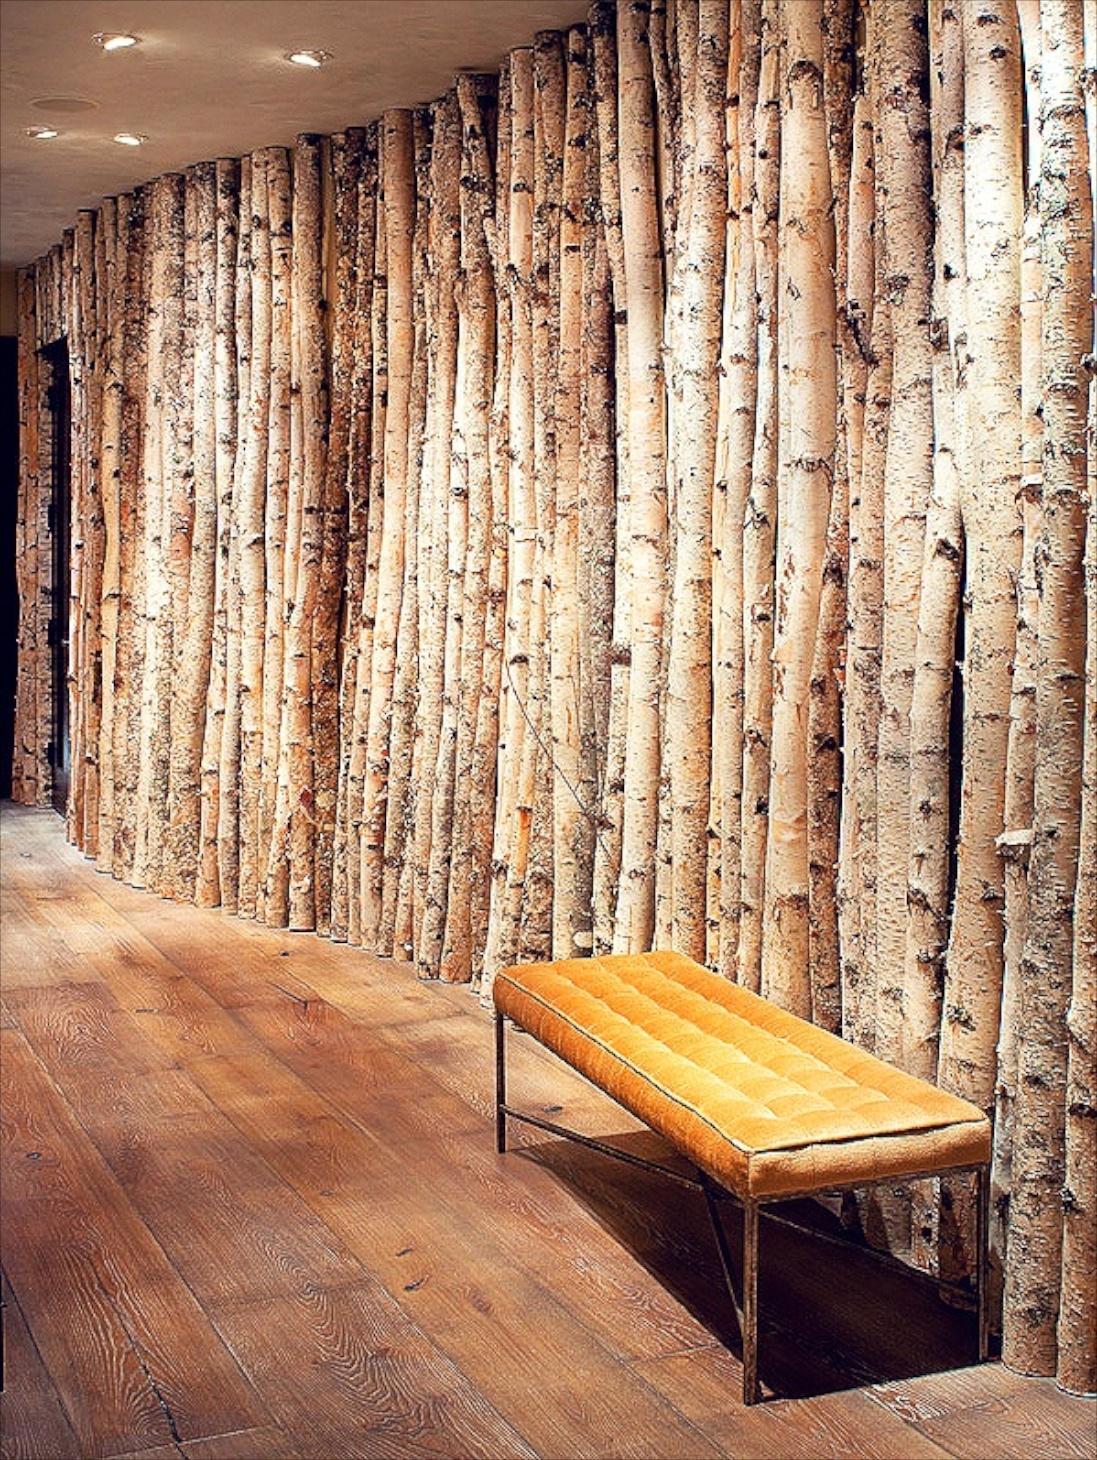 بالصور ديكورات من جذوع الشجر , ديكورات منزليه من الاخشاب 2448 8